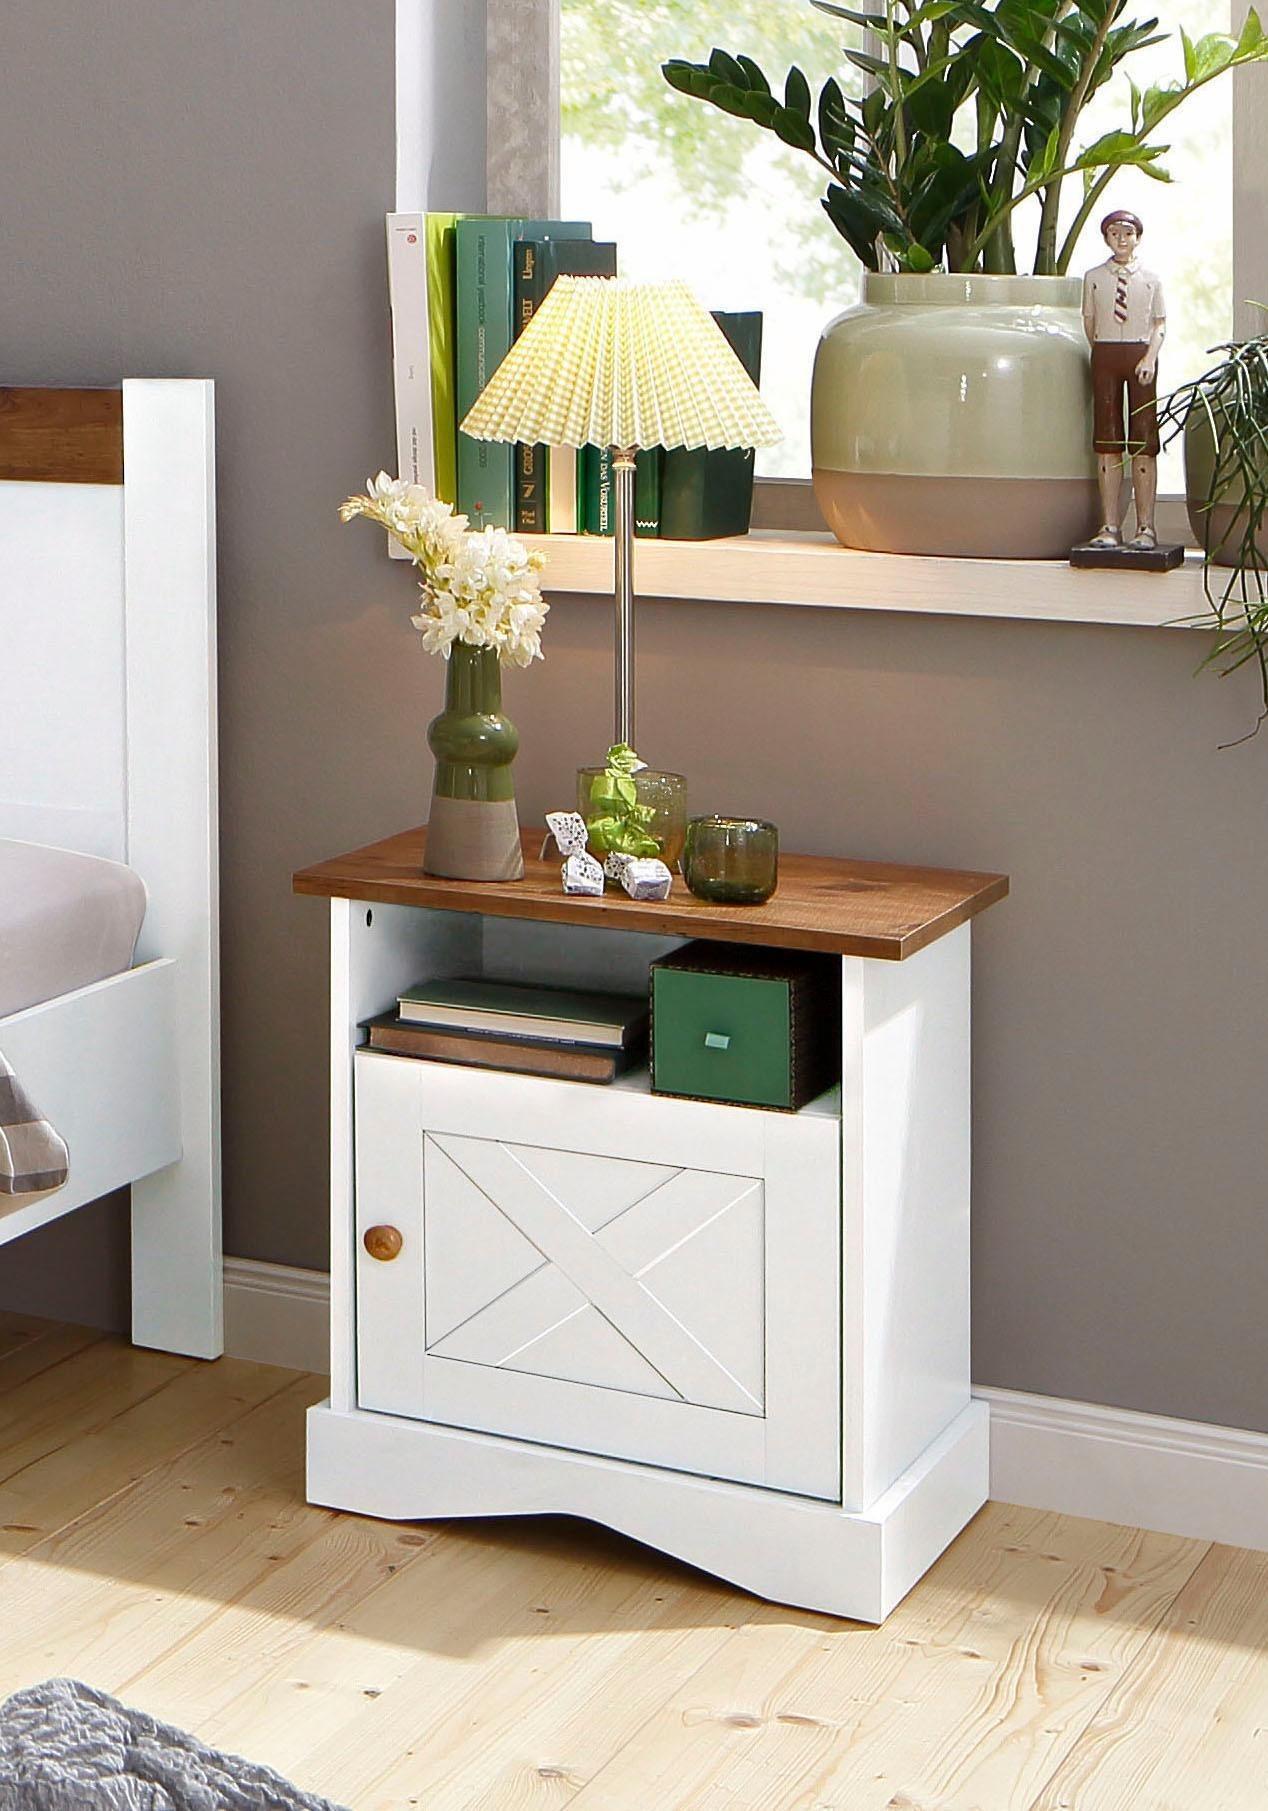 53 sparen nachttisch juliette nur 89 99 cherry. Black Bedroom Furniture Sets. Home Design Ideas